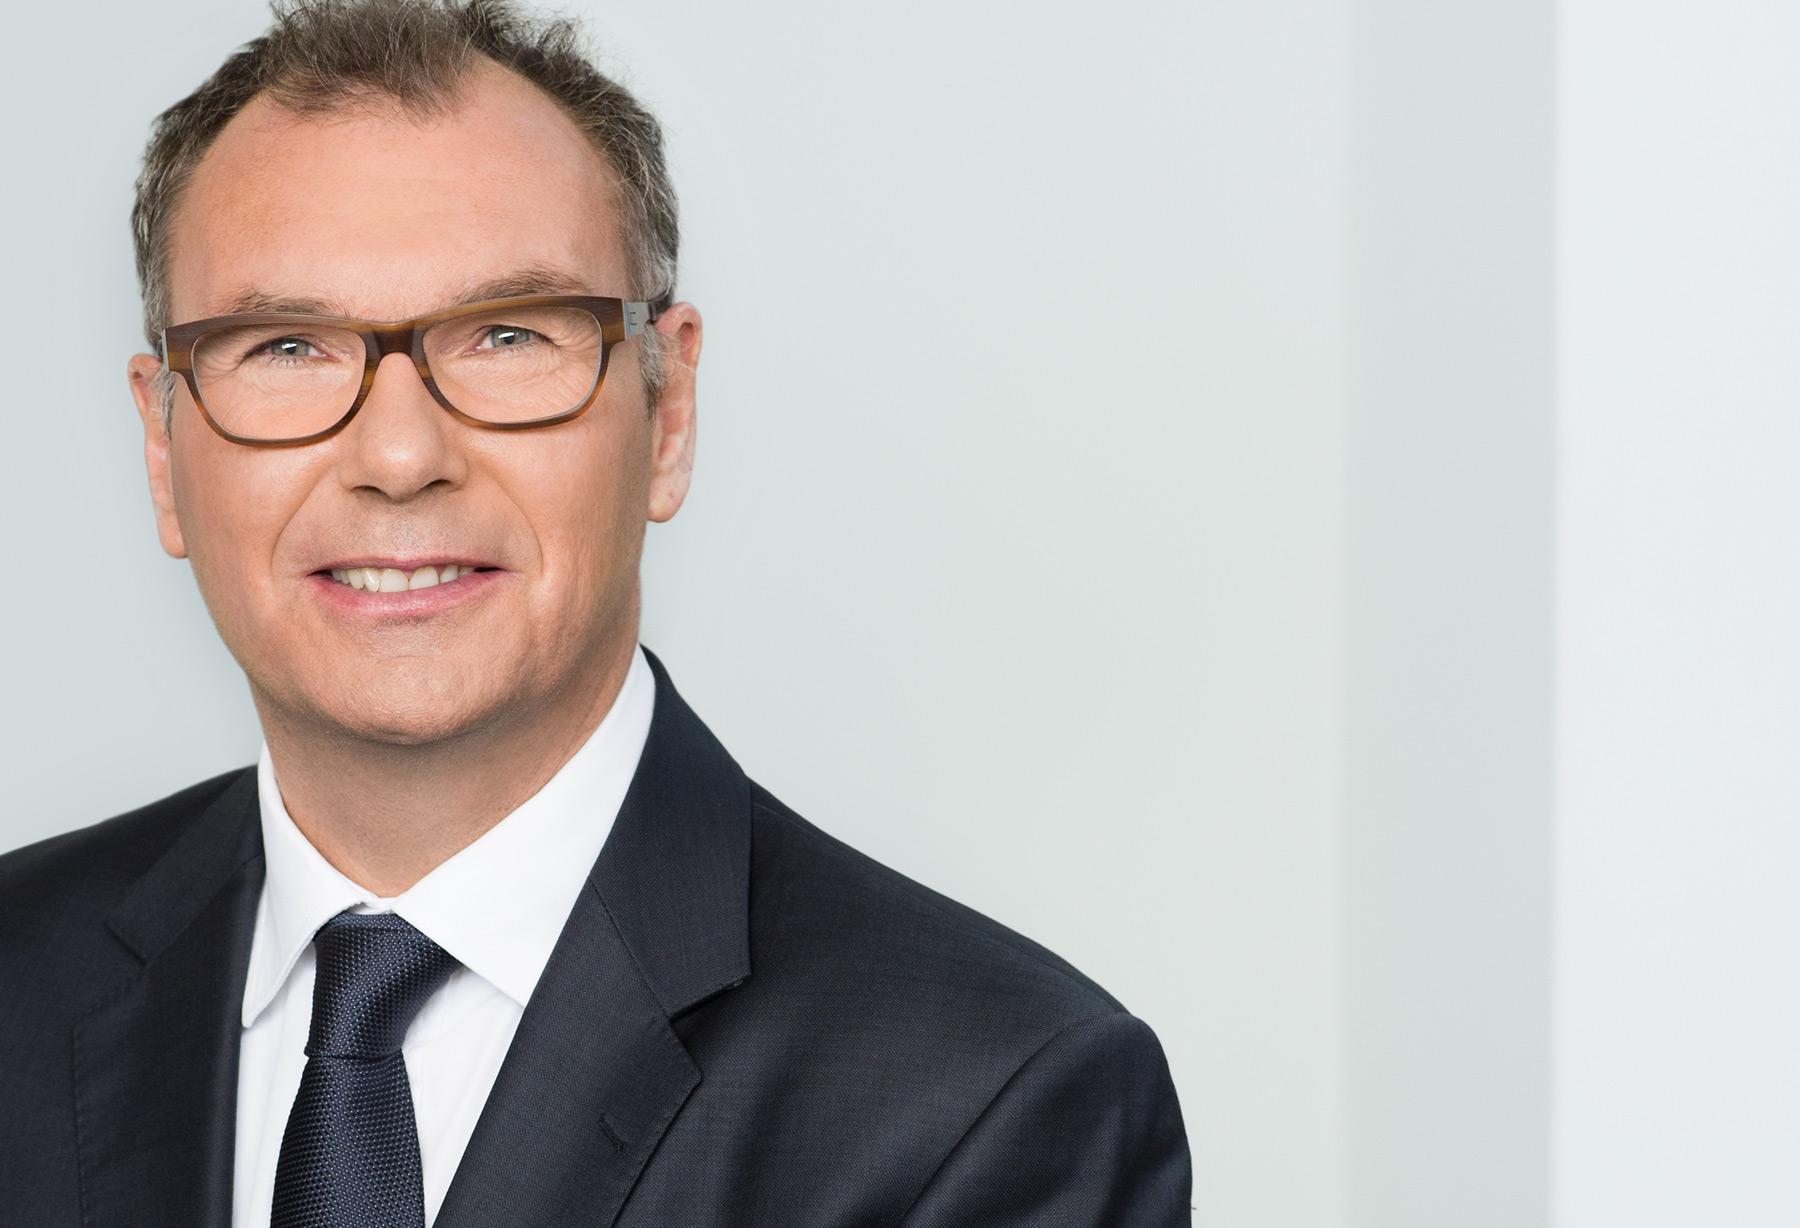 Hannes Schwieger